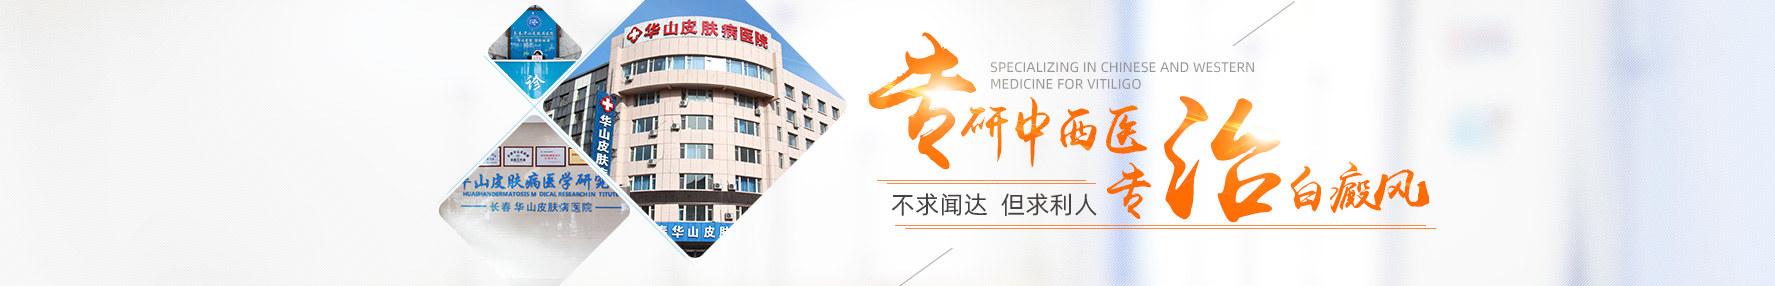 长春白癜风医院咨询平台